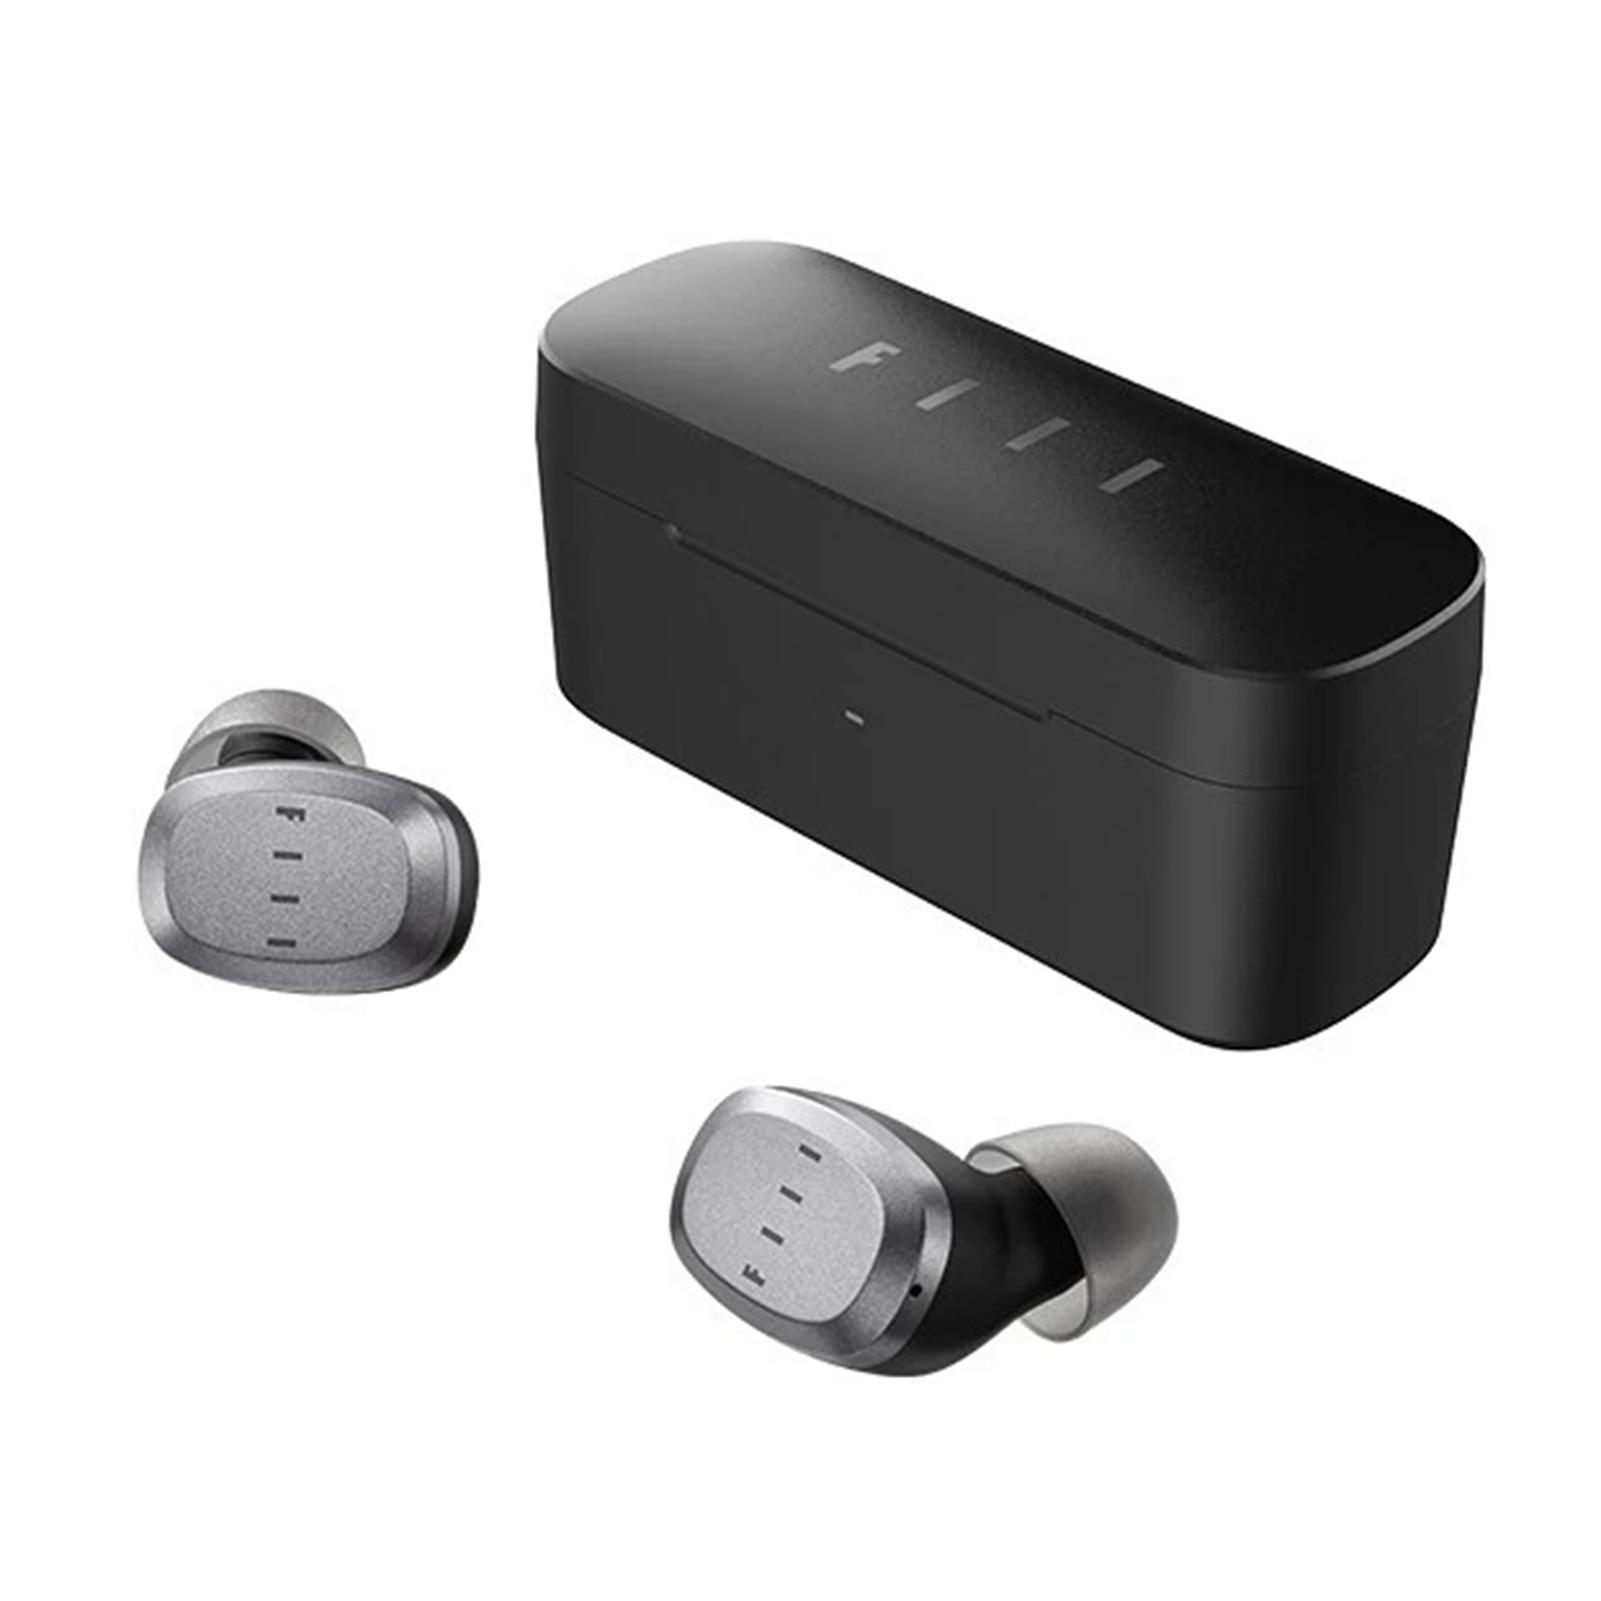 جديد FIIL T1 لايت طويل عمر البطارية سماعات أذن TWS بلوتوث 5.2 IPX7 مقاوم للماء سماعة إلغاء الضوضاء AAC HD HIFI سماعات